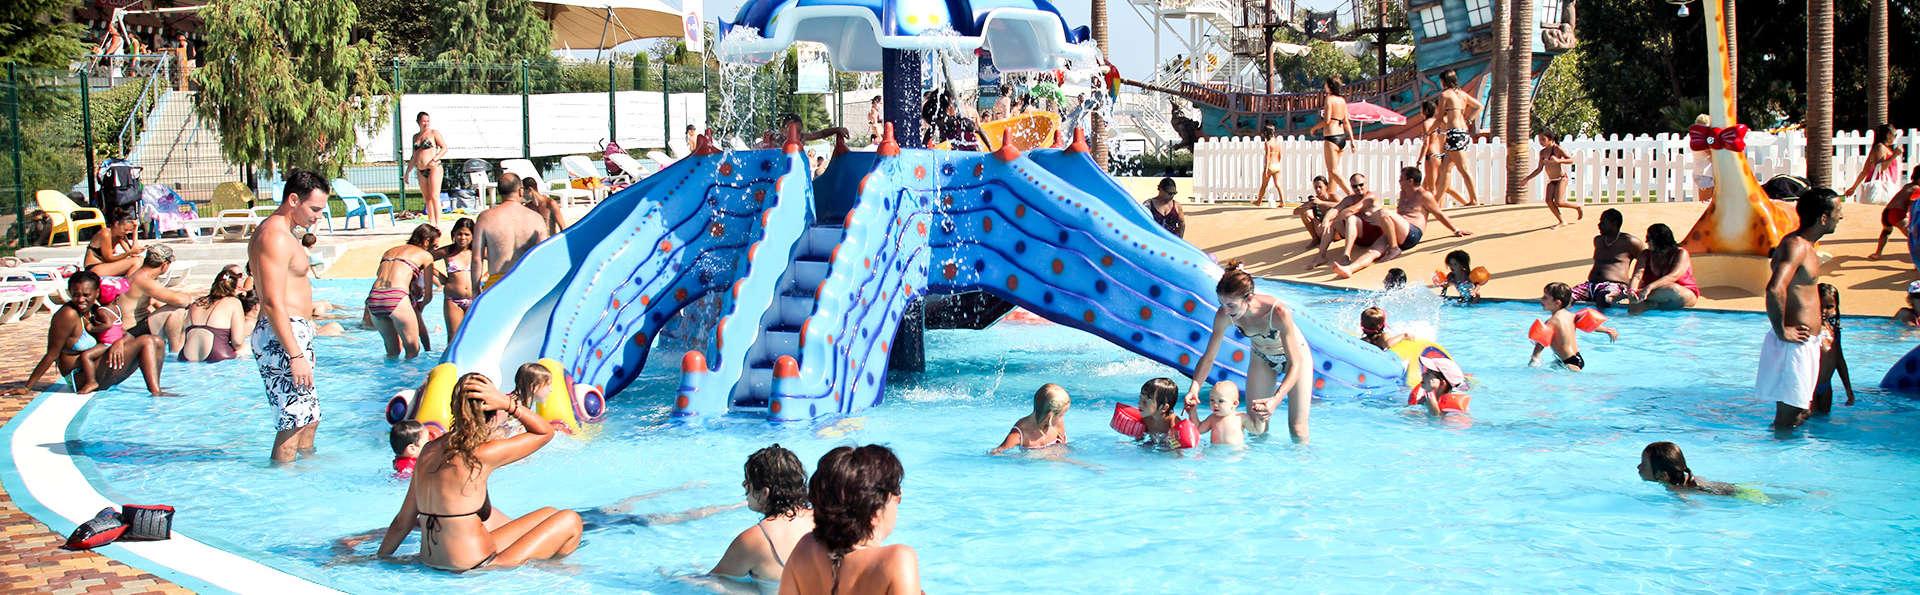 Verblijf bij Antibes met tickets voor het park Aquasplash